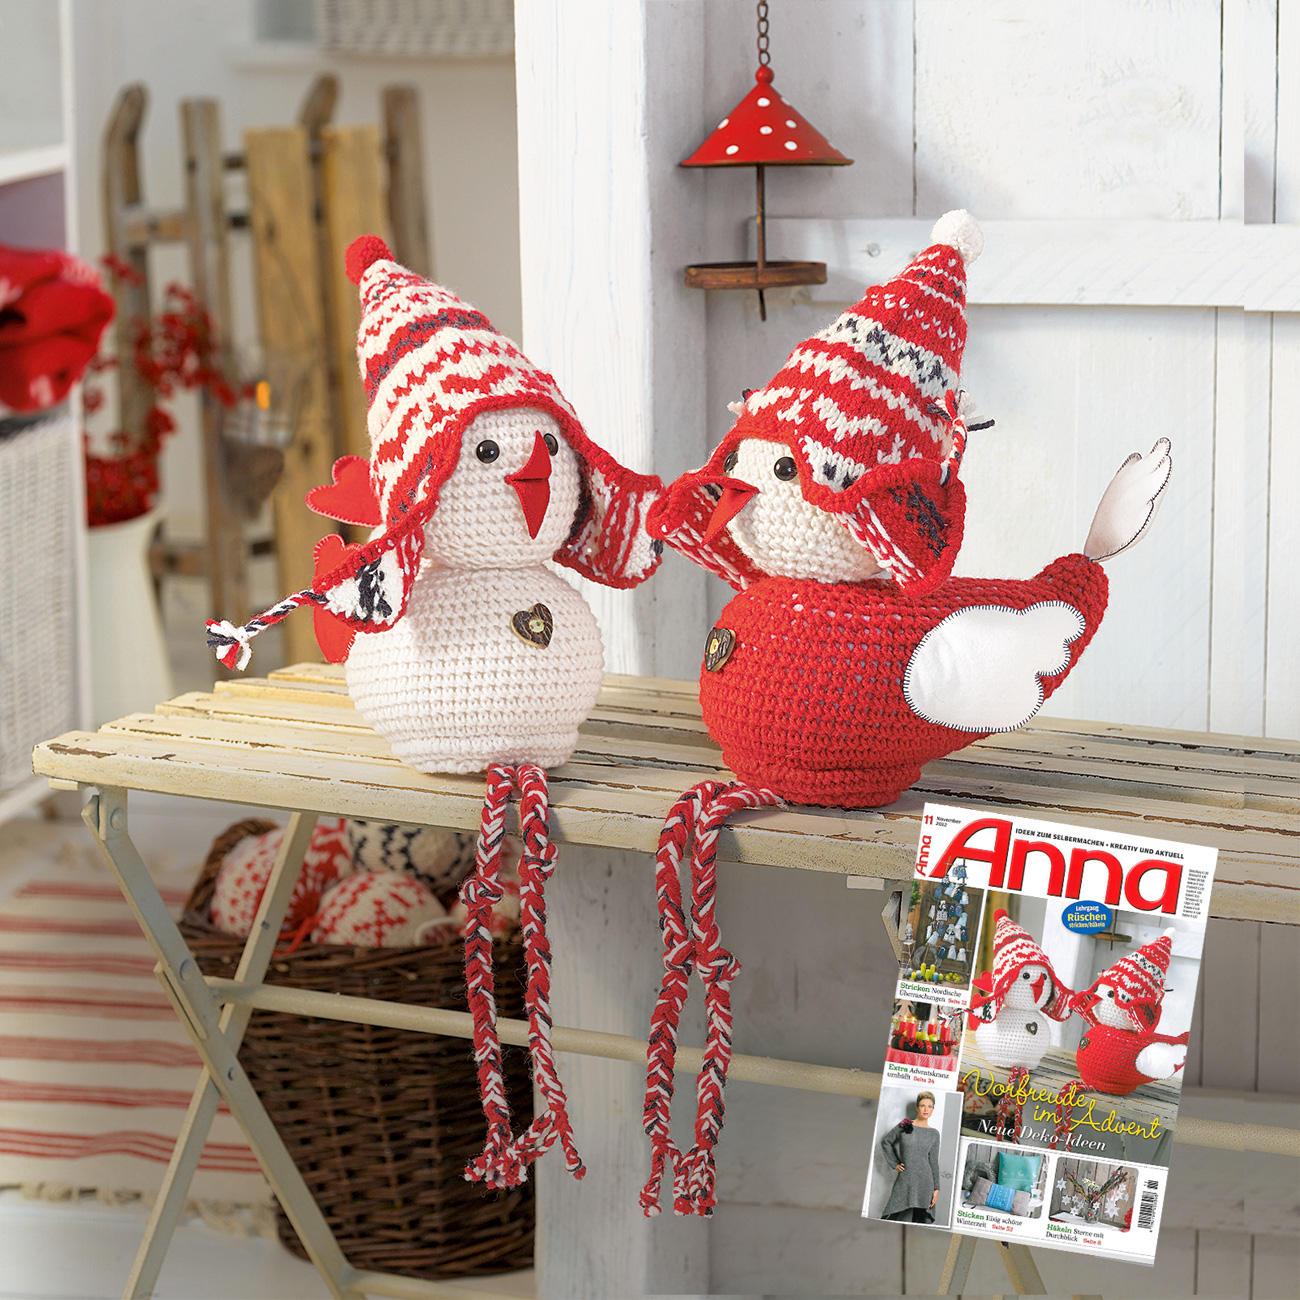 anleitung 822 4 2 weihnachtsspatzen aus landwolle von. Black Bedroom Furniture Sets. Home Design Ideas